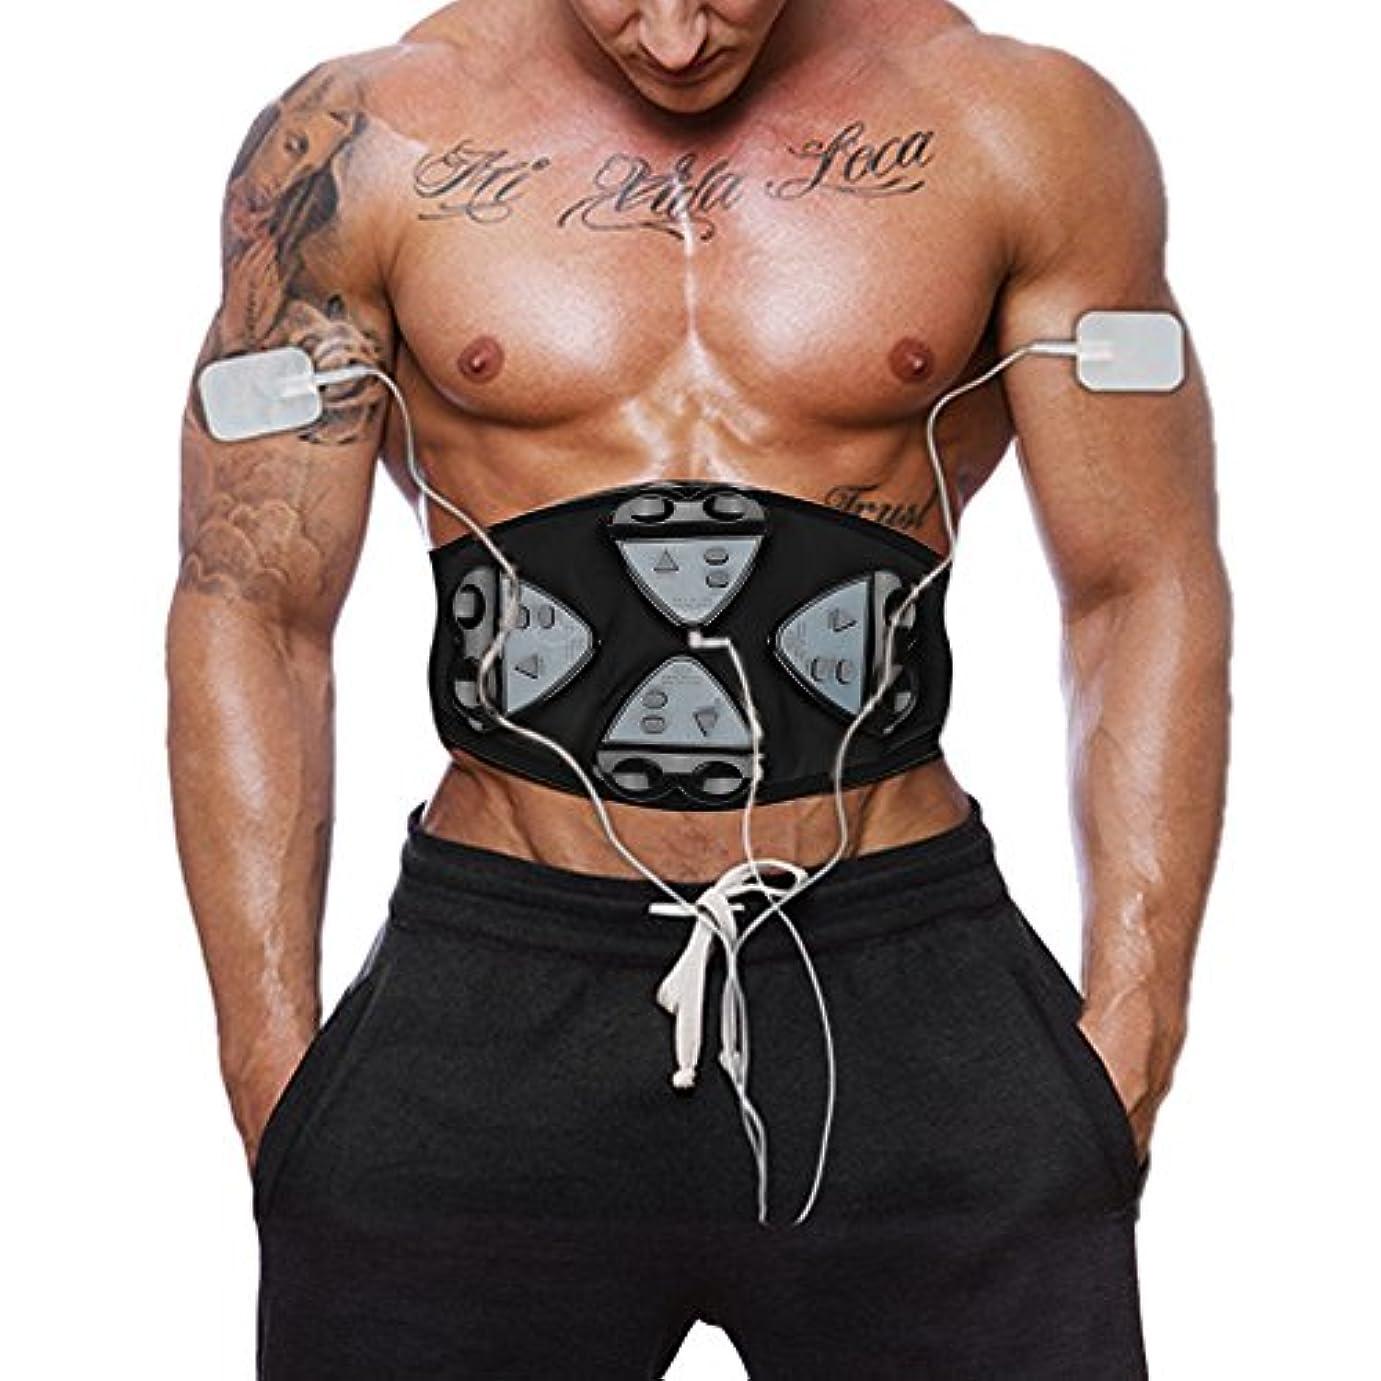 進化するカタログコンデンサー腹筋ベルトEMS腹筋刺激筋力トレーニング筋力トレーニング腹部トレーニング4コントローラベルト